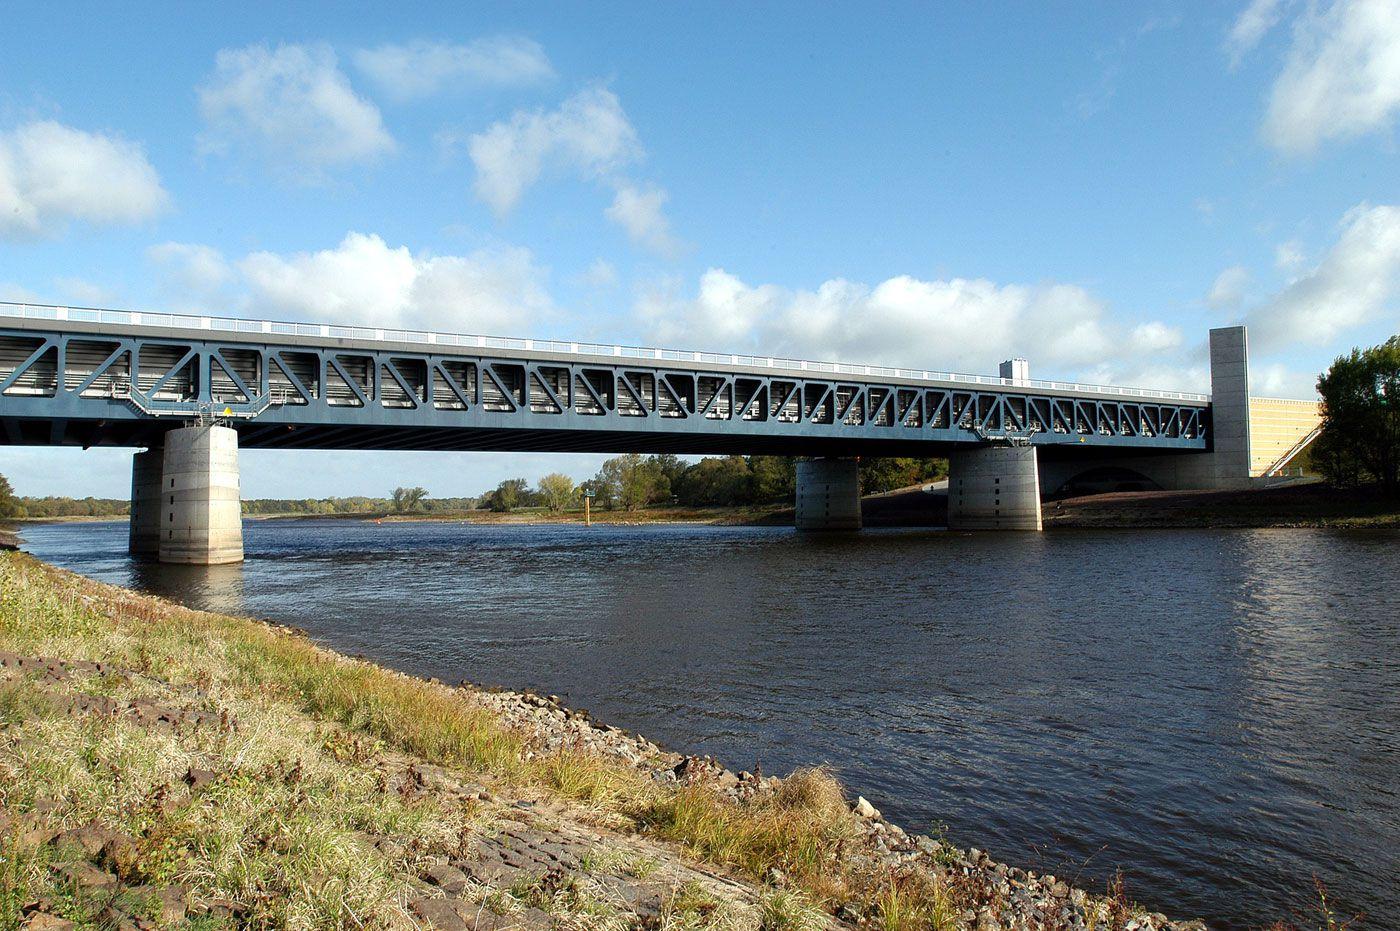 Magdeburg Water Bridge The Longest Navigable Aqueduct In